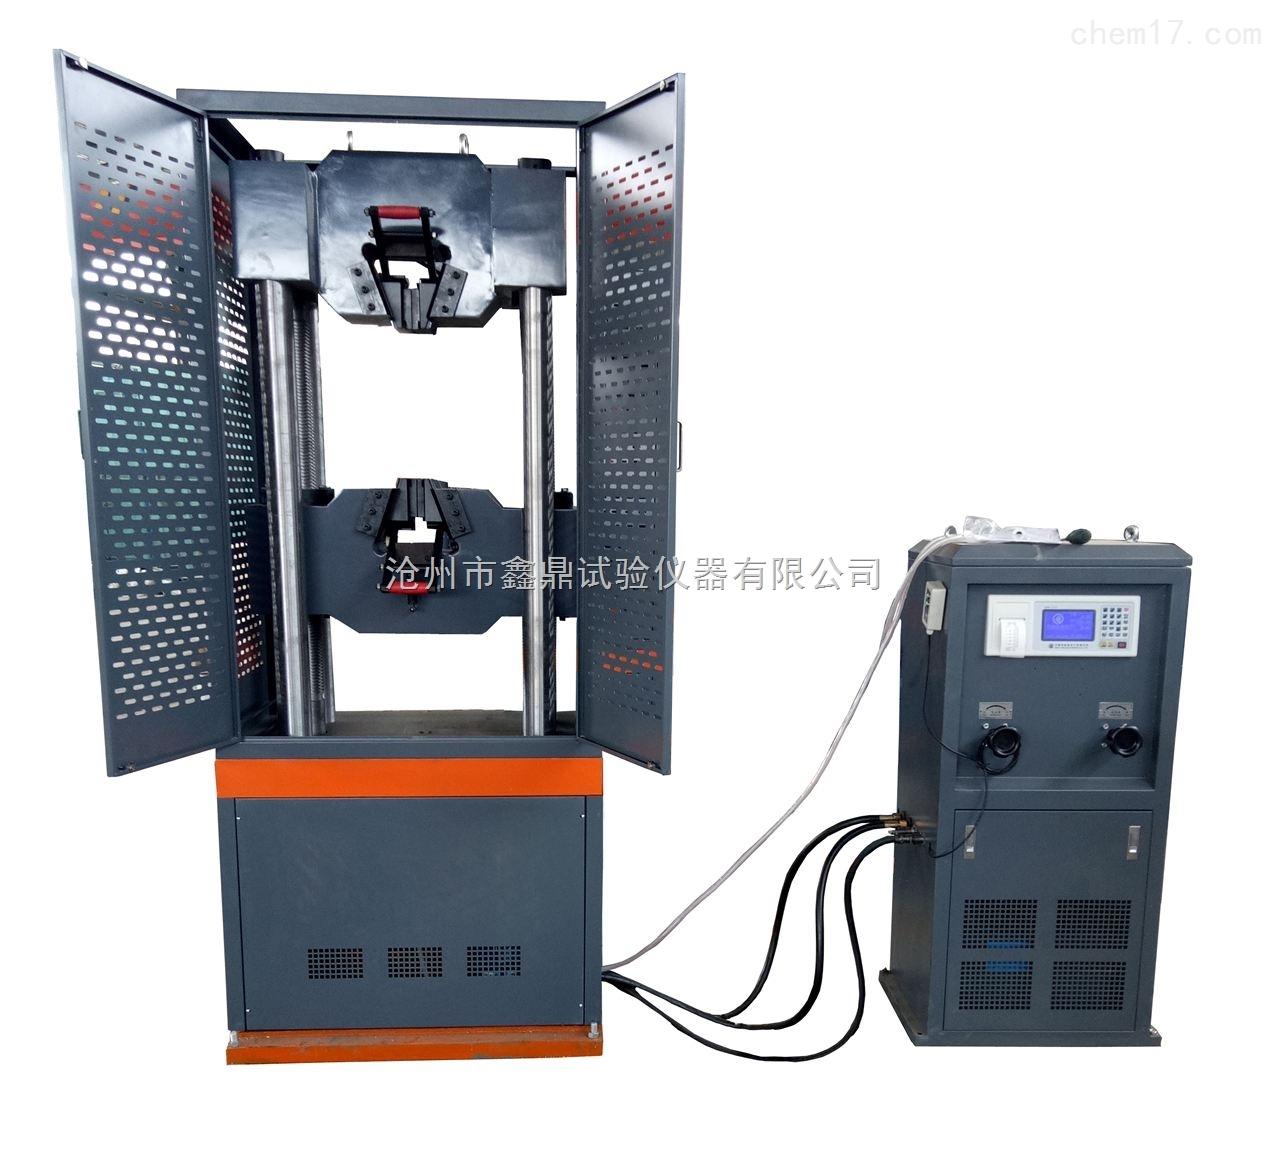 数显式万能材料试验机生产厂家